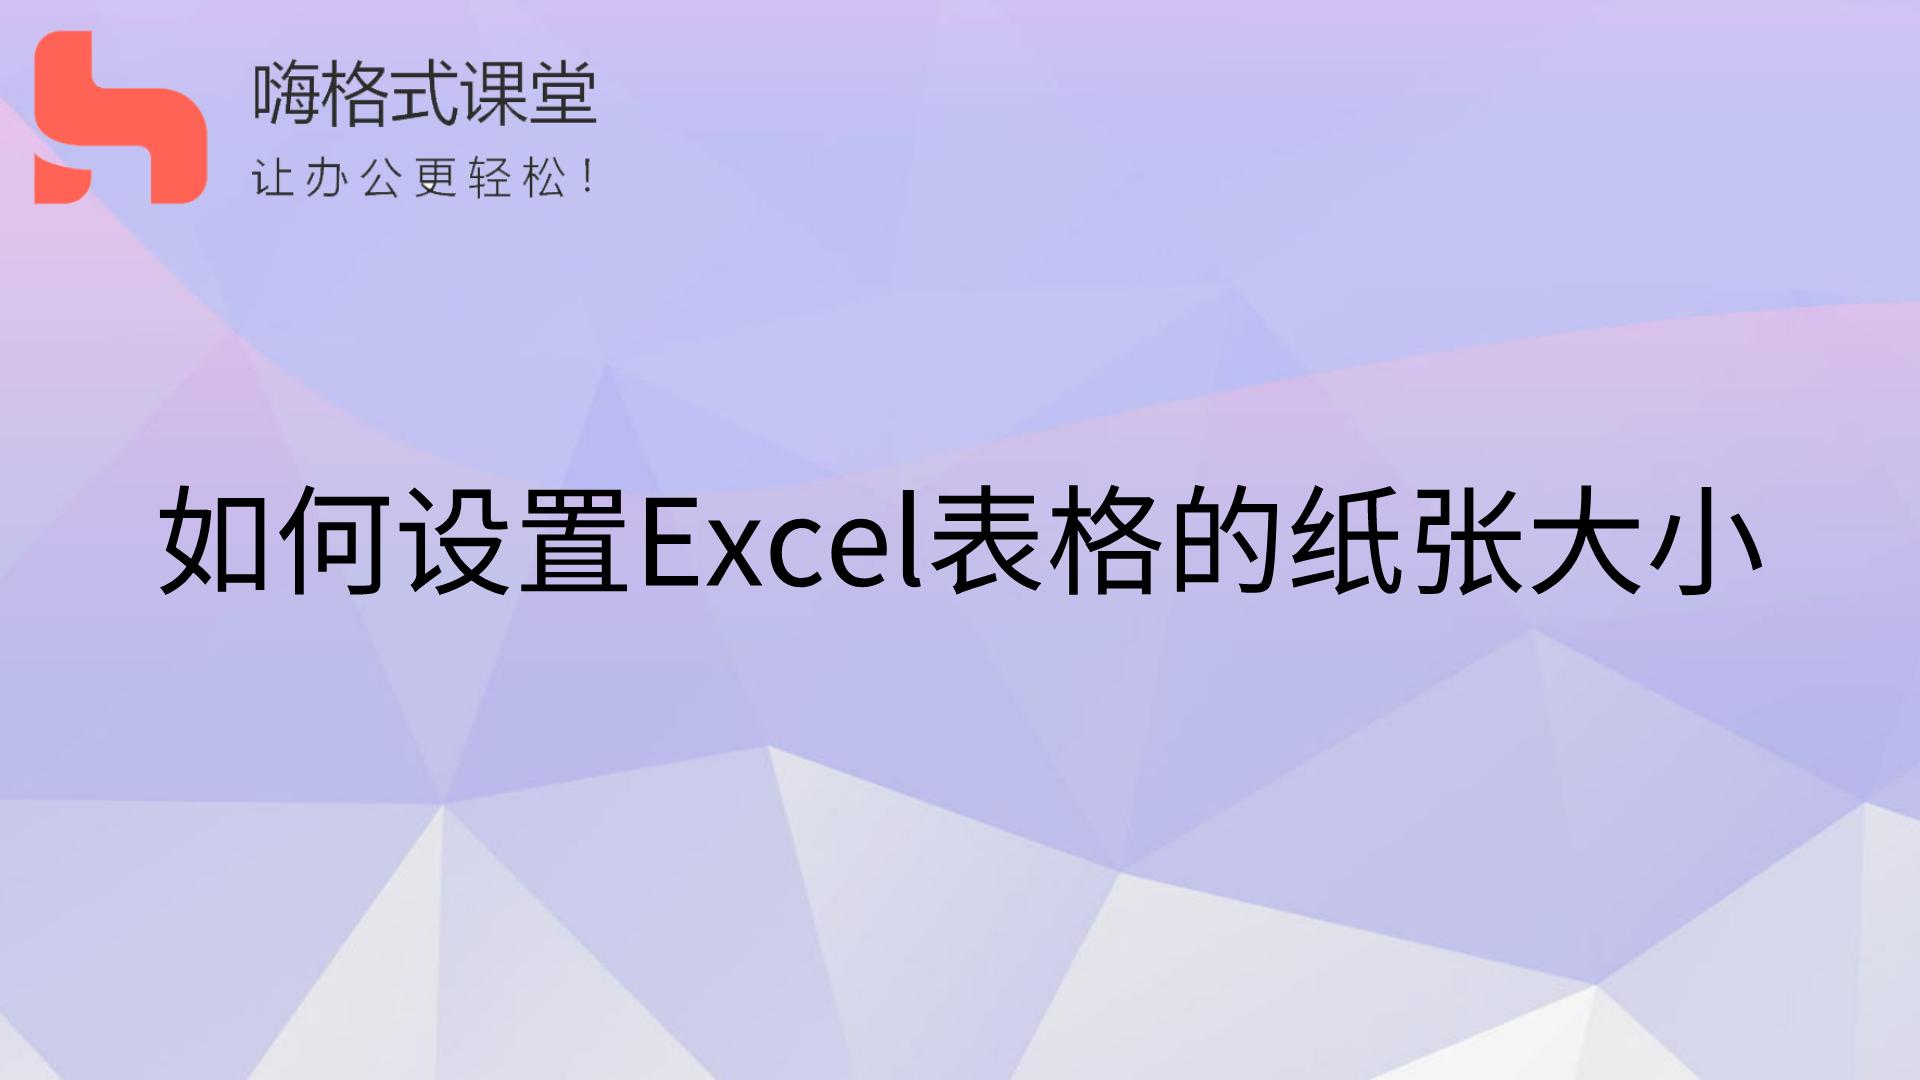 如何设置Excel表格的纸张大小s